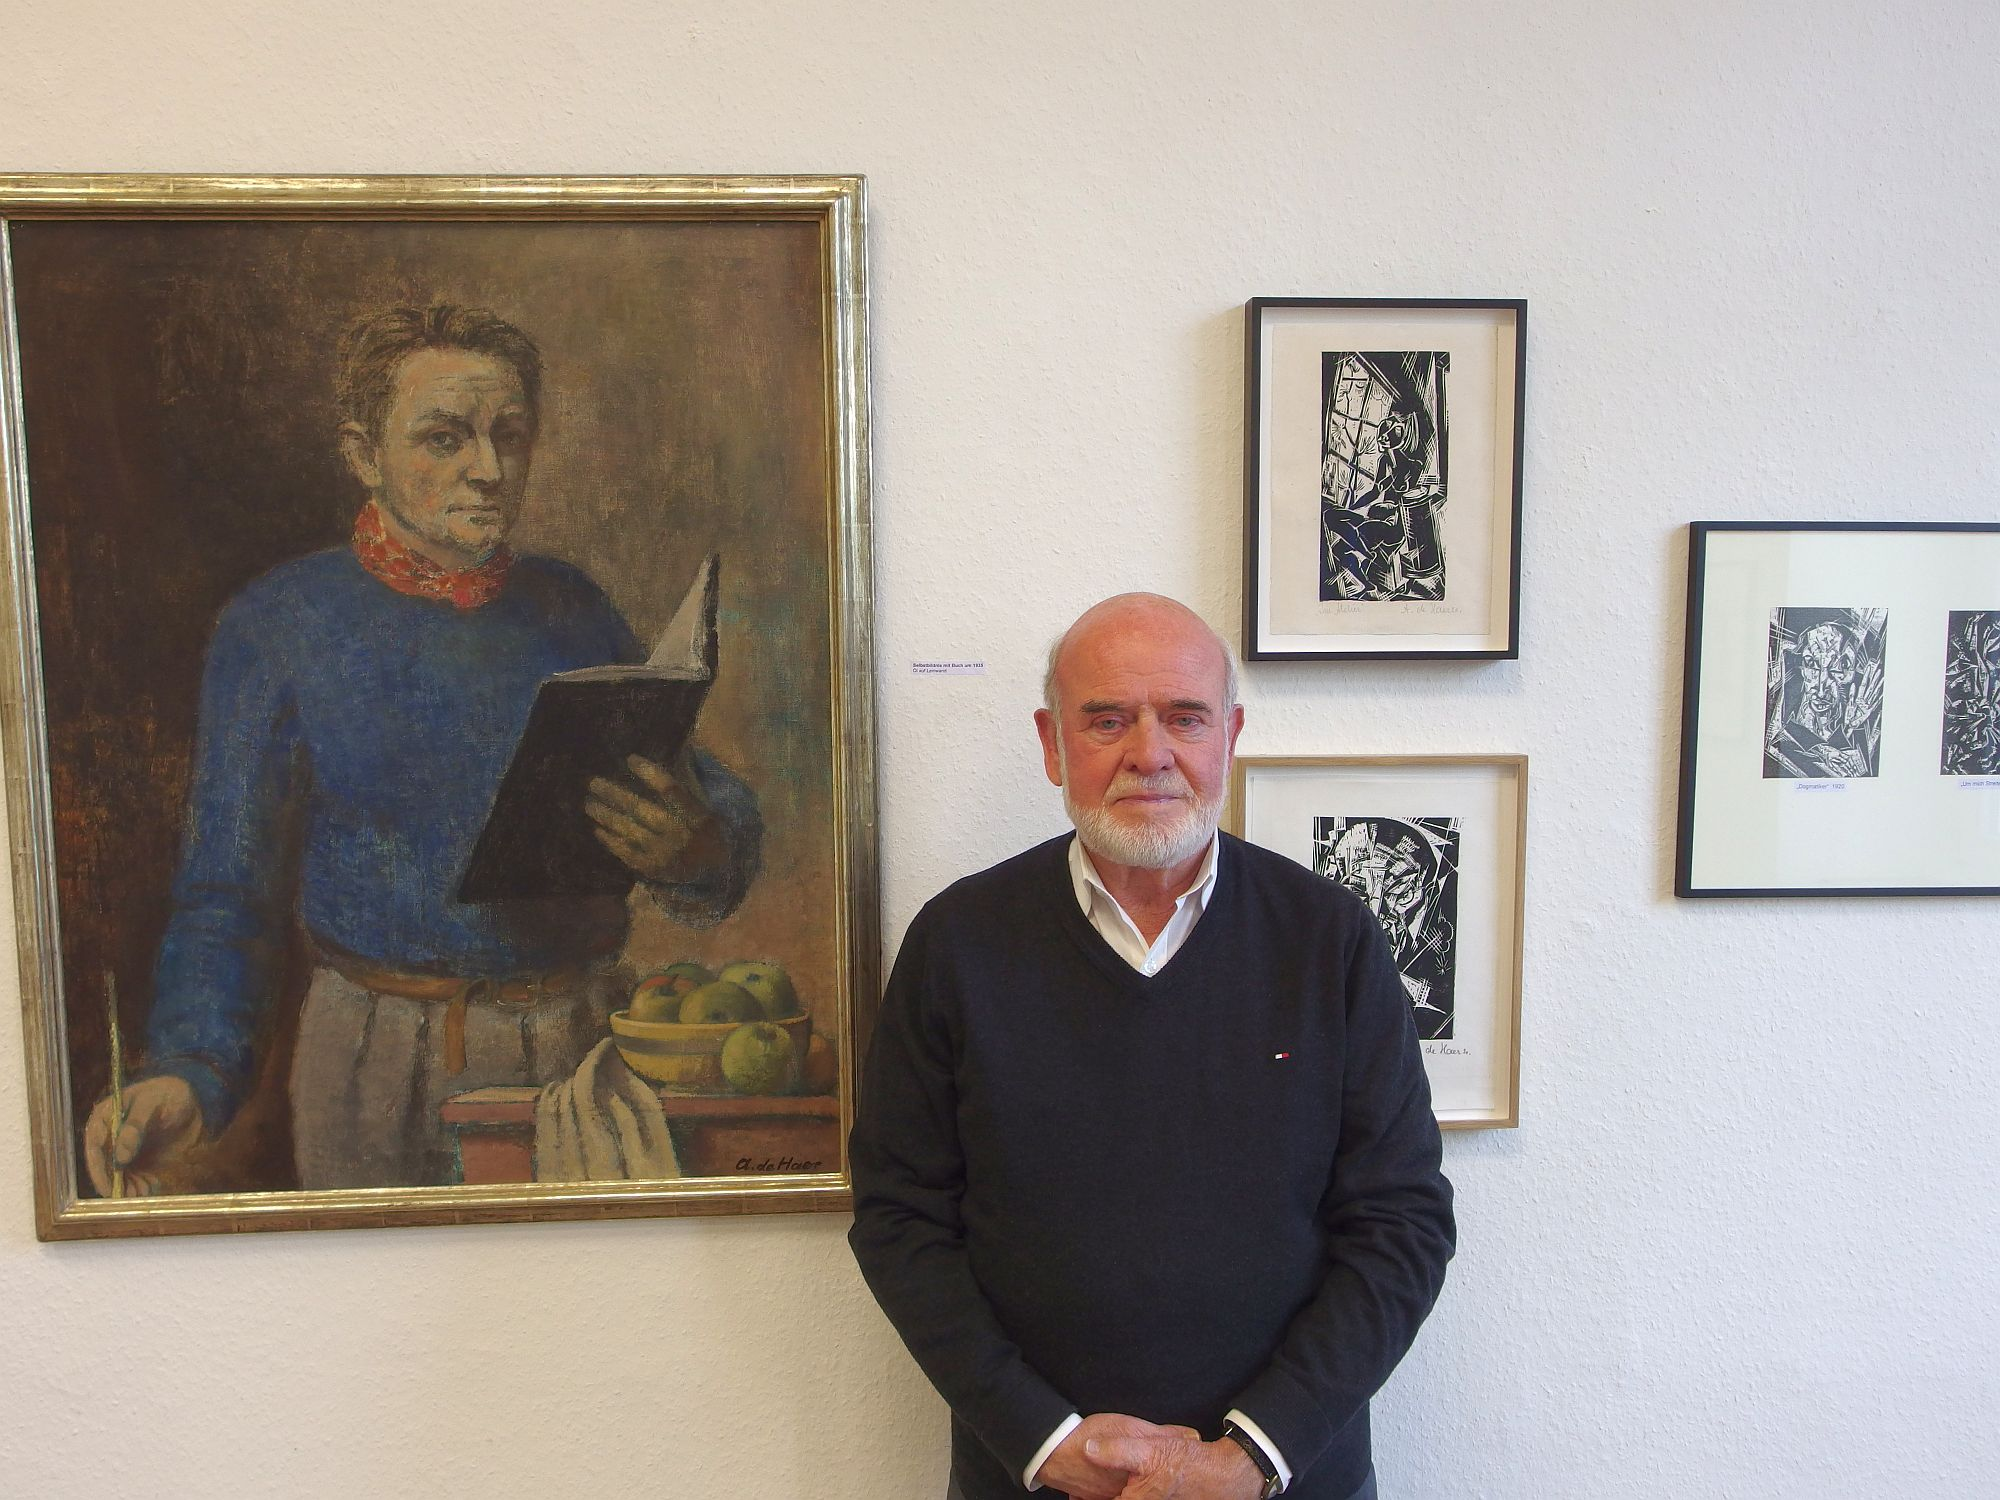 Museumsleiter und Vorsitzender des Heimat- und Bürgervereins Kaiserswerth e.V. Wilhelm Mayer vor einen Selbstportrait und Druckgrafiken von Adolf de Haer. Foto: SO